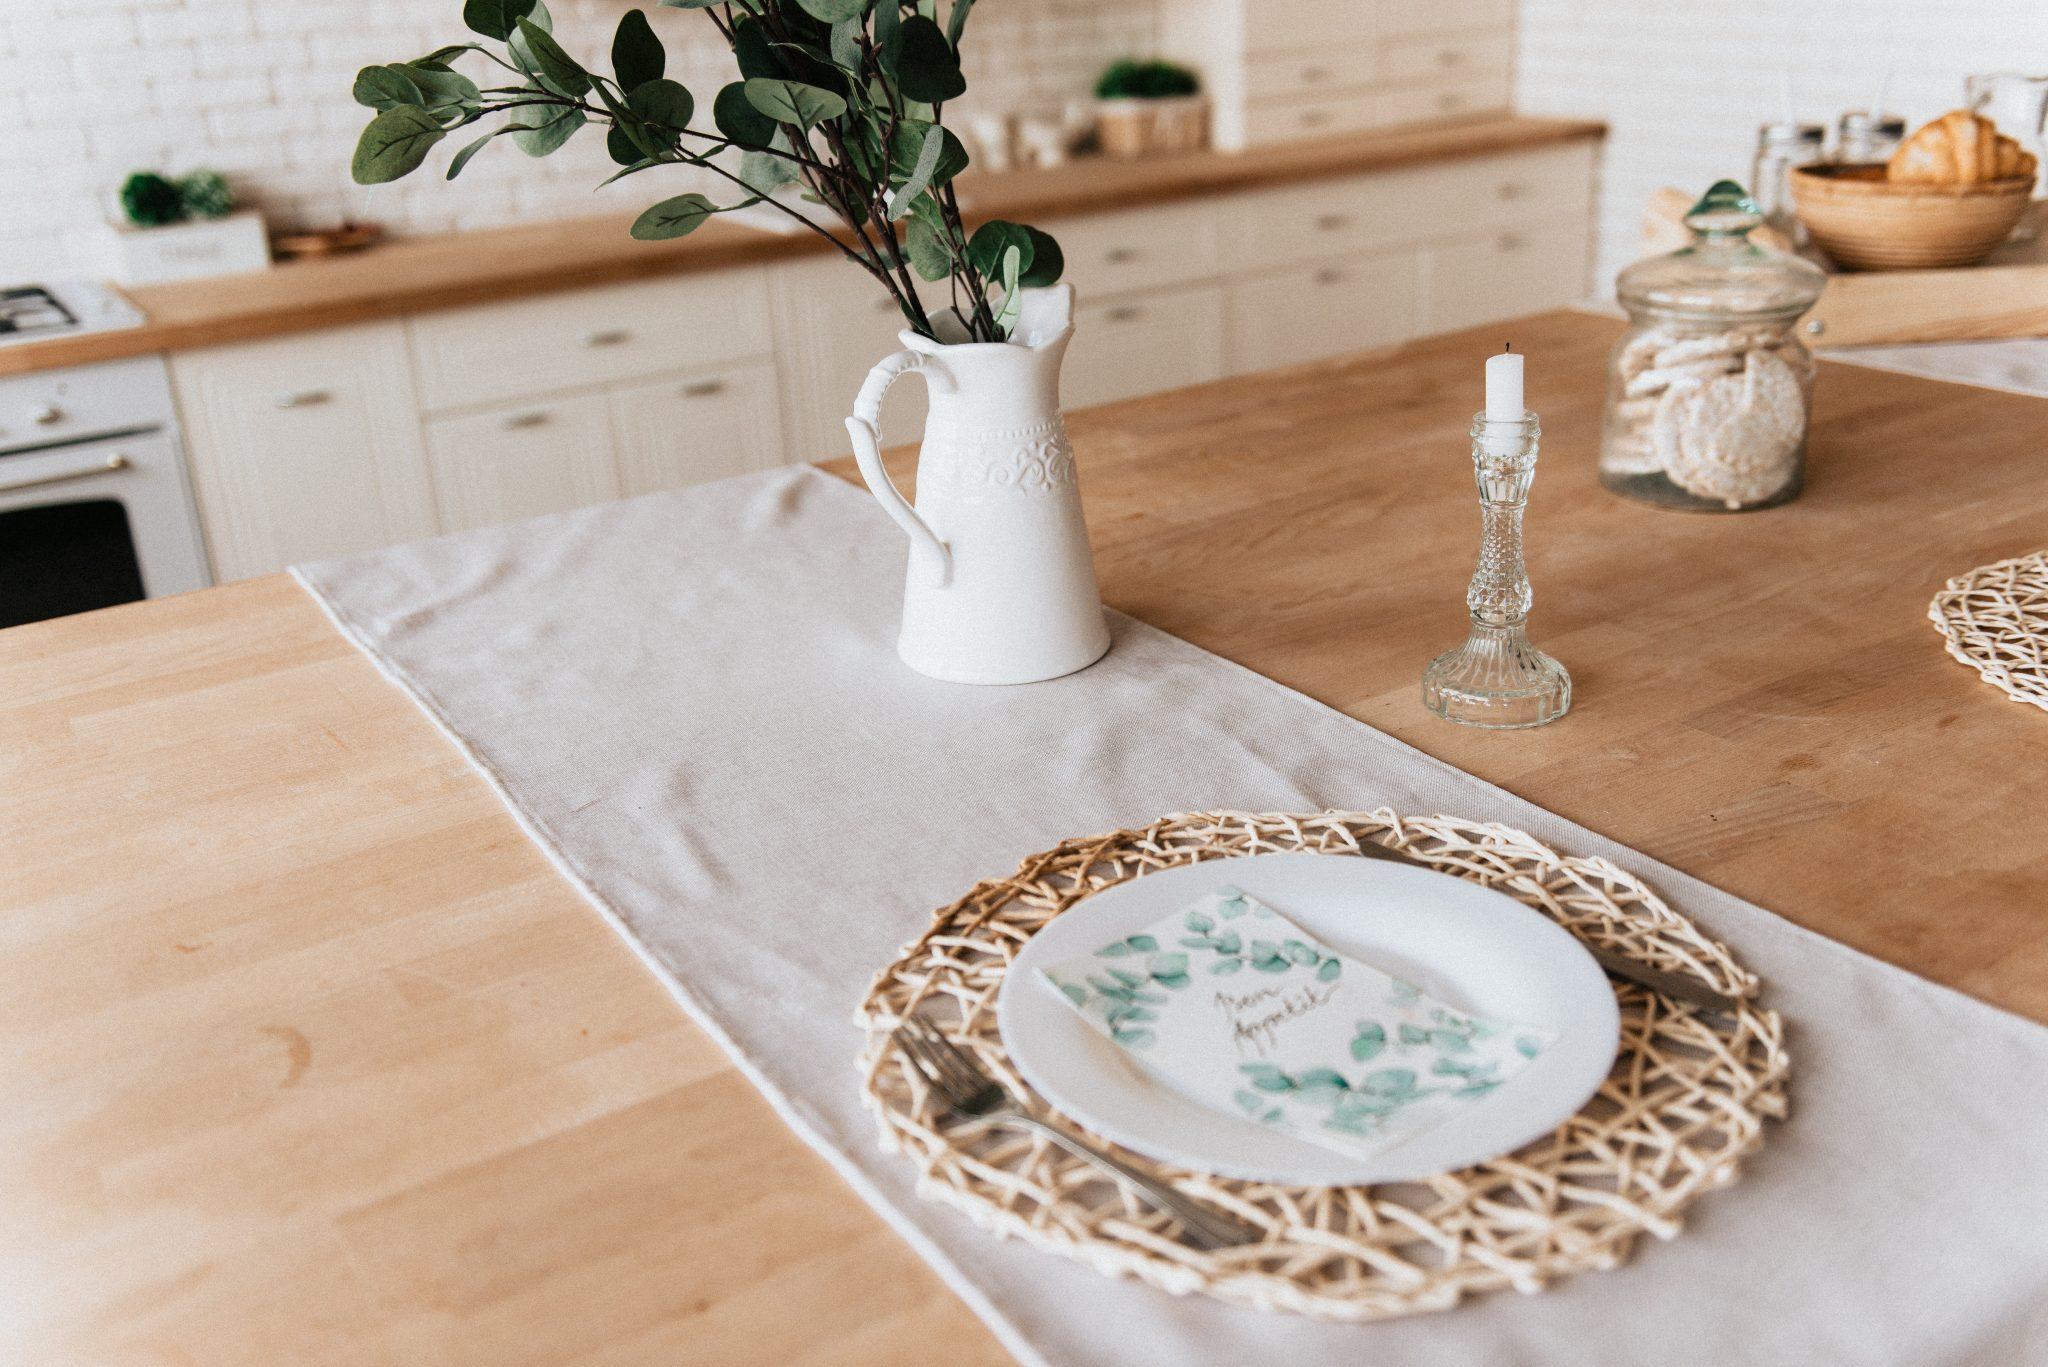 Tovaglia Da Tavola Moderna runner da tavolo: ecco i migliori per la tua casa - guida